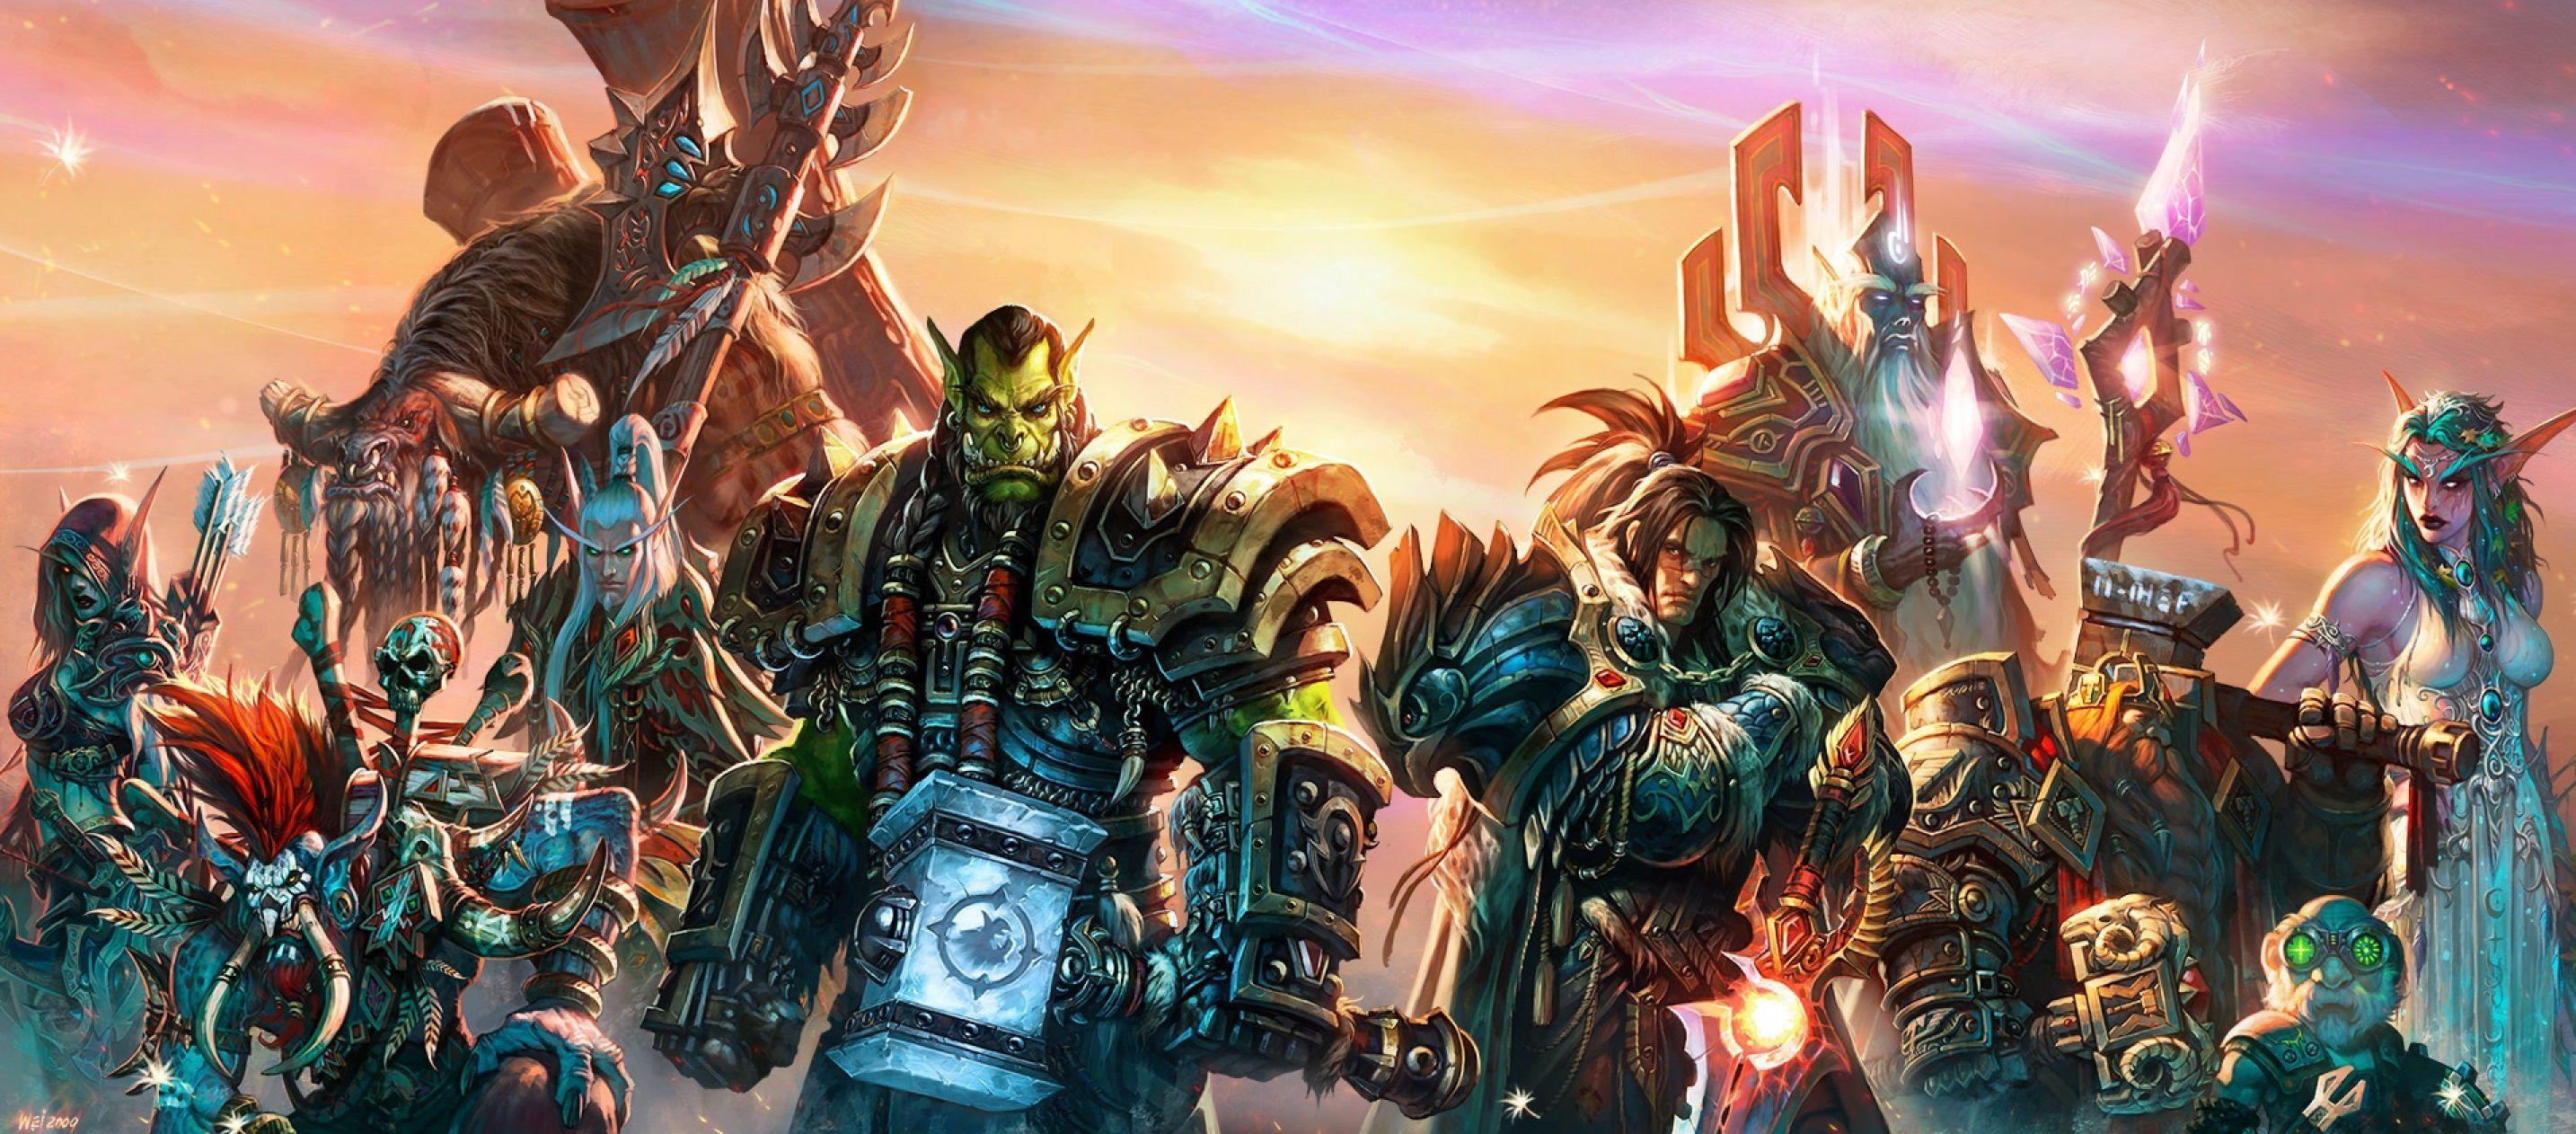 10554 - Héroes del Warcraft. ¿Serás capaz de sabértelos todos?